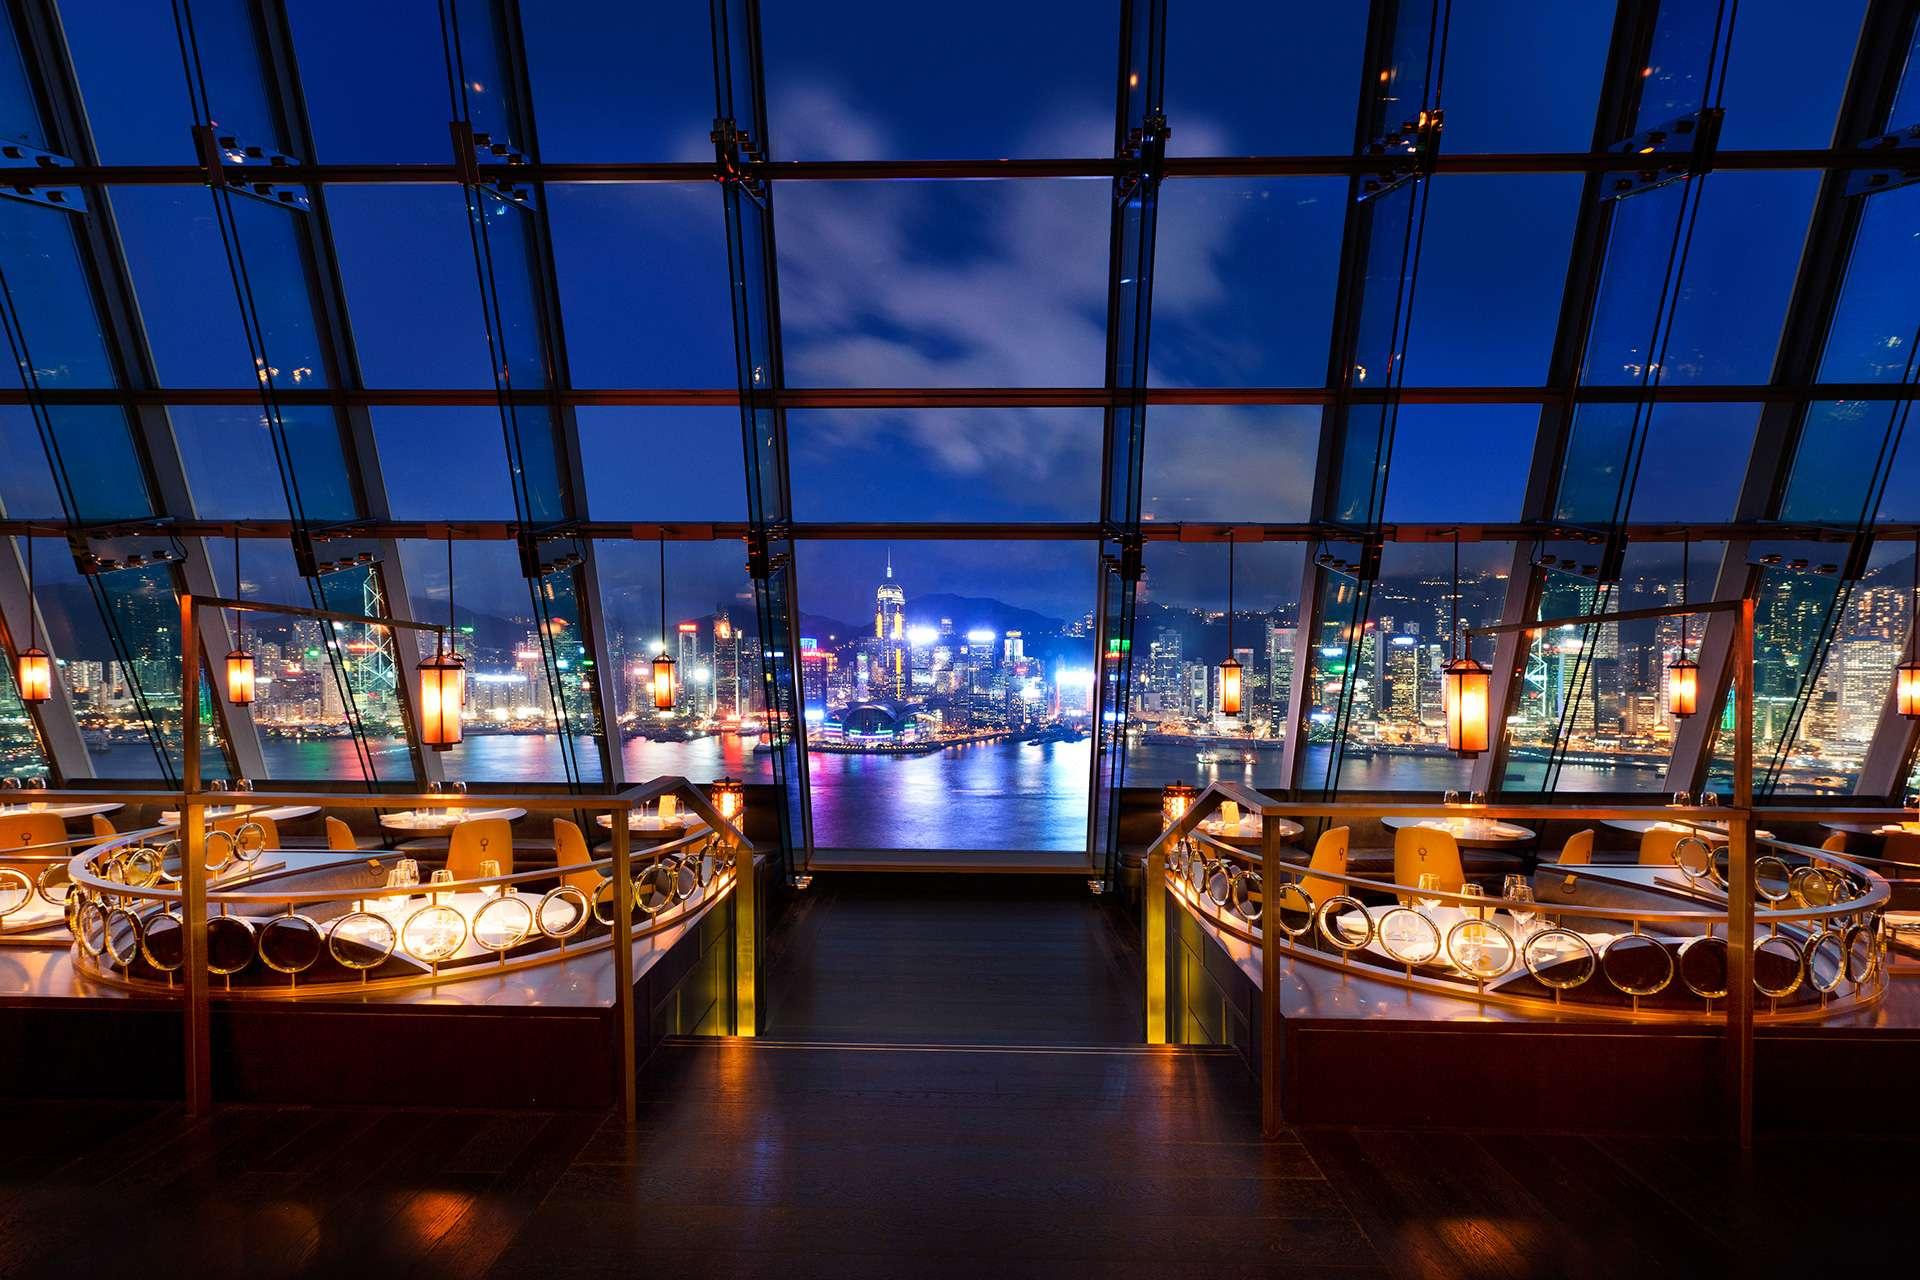 Aqua - bar e restaurante japonês & italiano em Hong Kong, com super vista | foto: divulgação